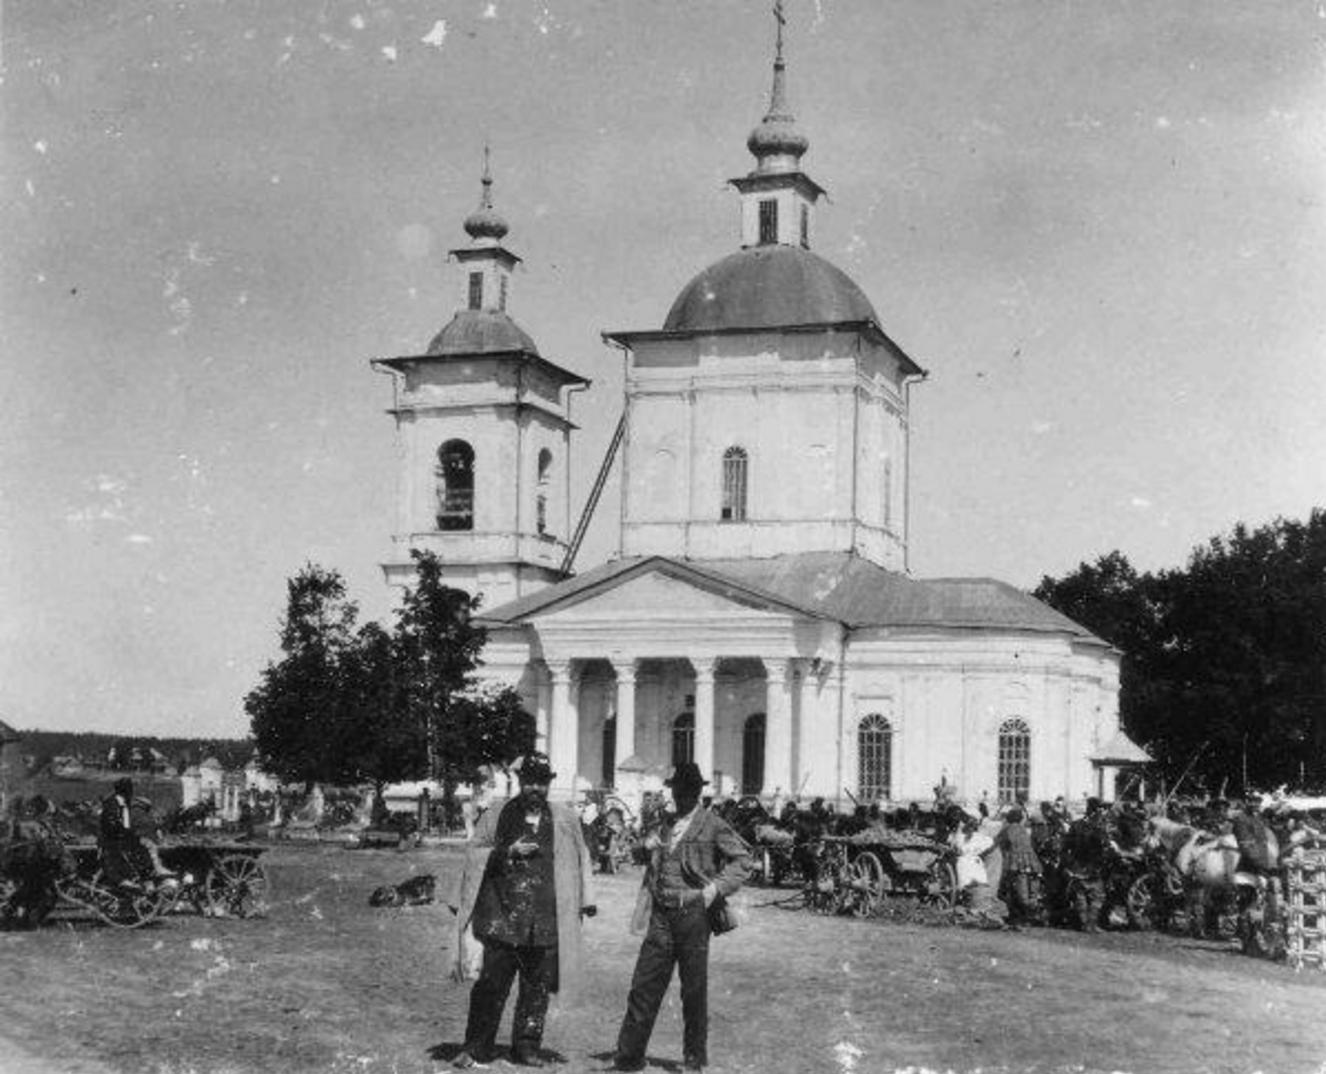 Фотография из архивов Кировского краеведческого музея (из сочинения лауреата конкурса этого года Анны Аксютичевой)